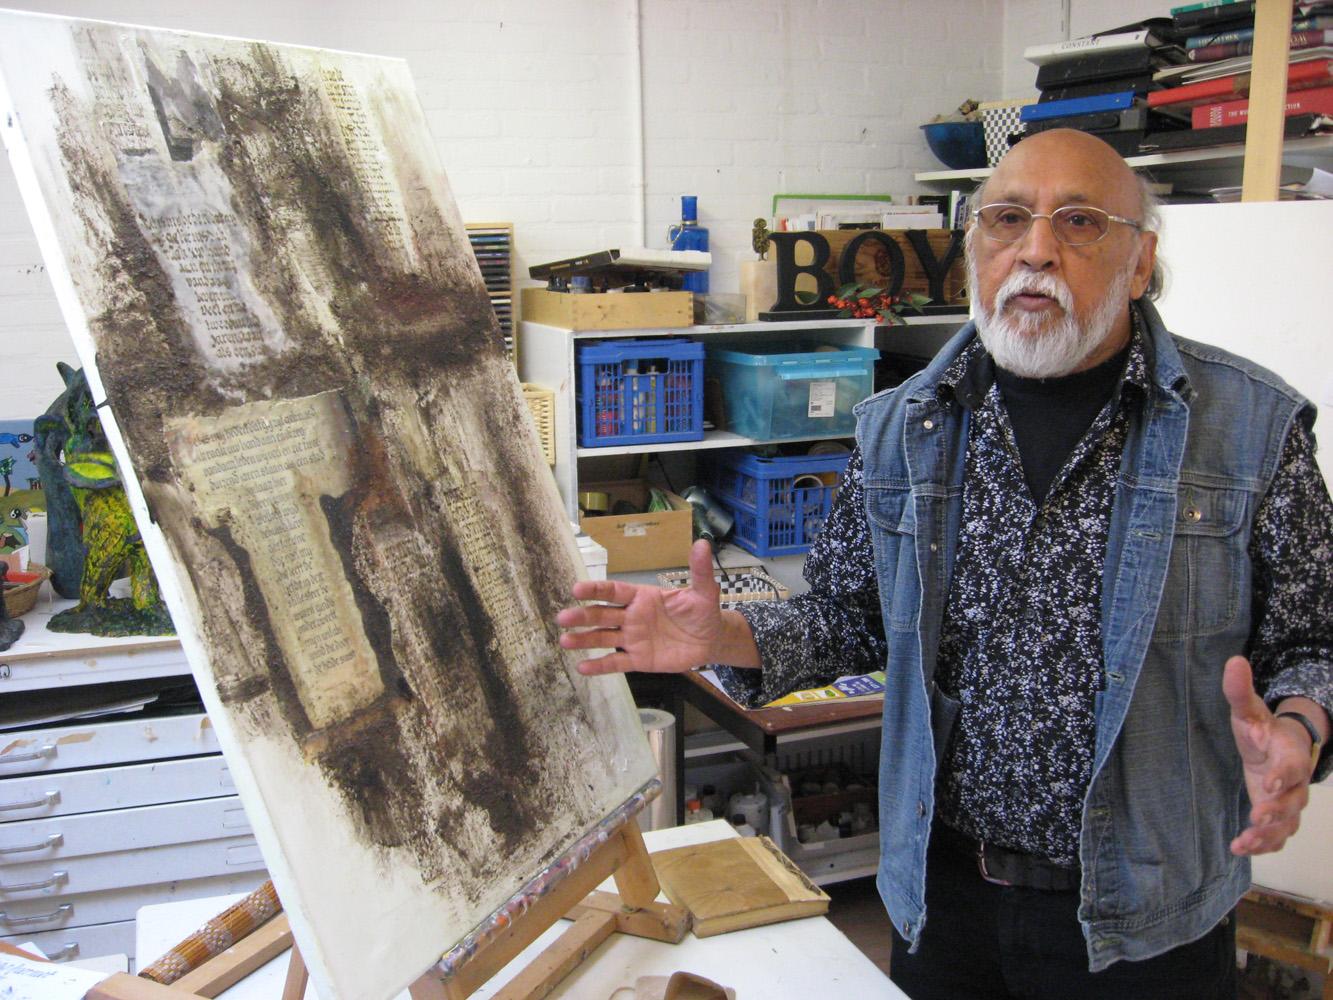 Kunstenaar Boy Namias de Crasto